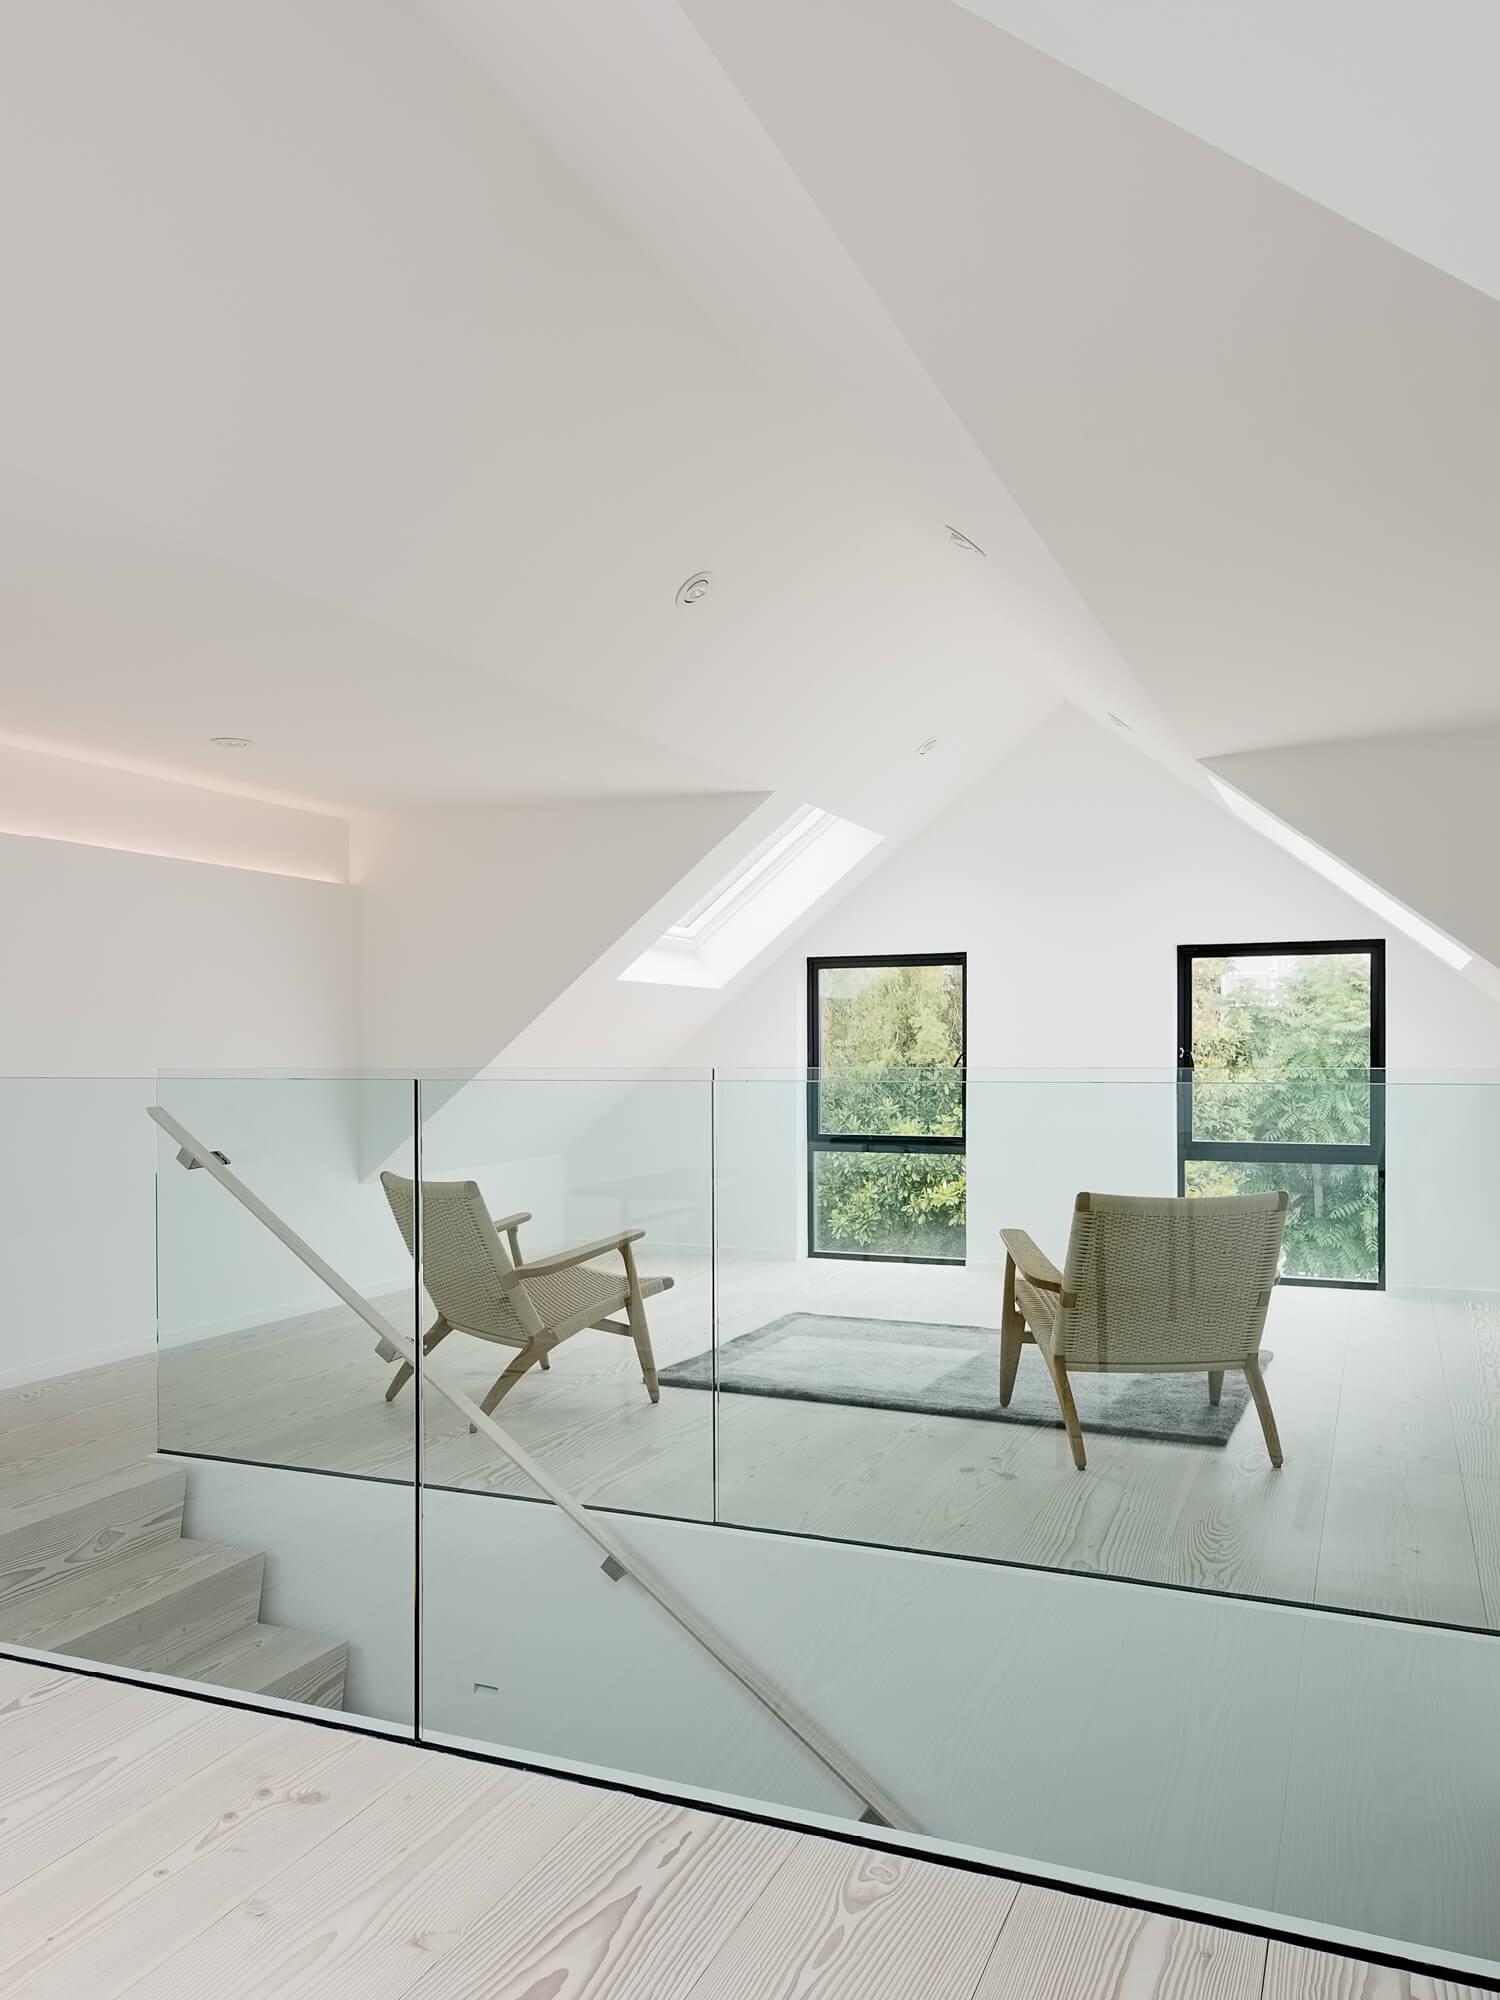 est living gable house edmonds lee architects 12